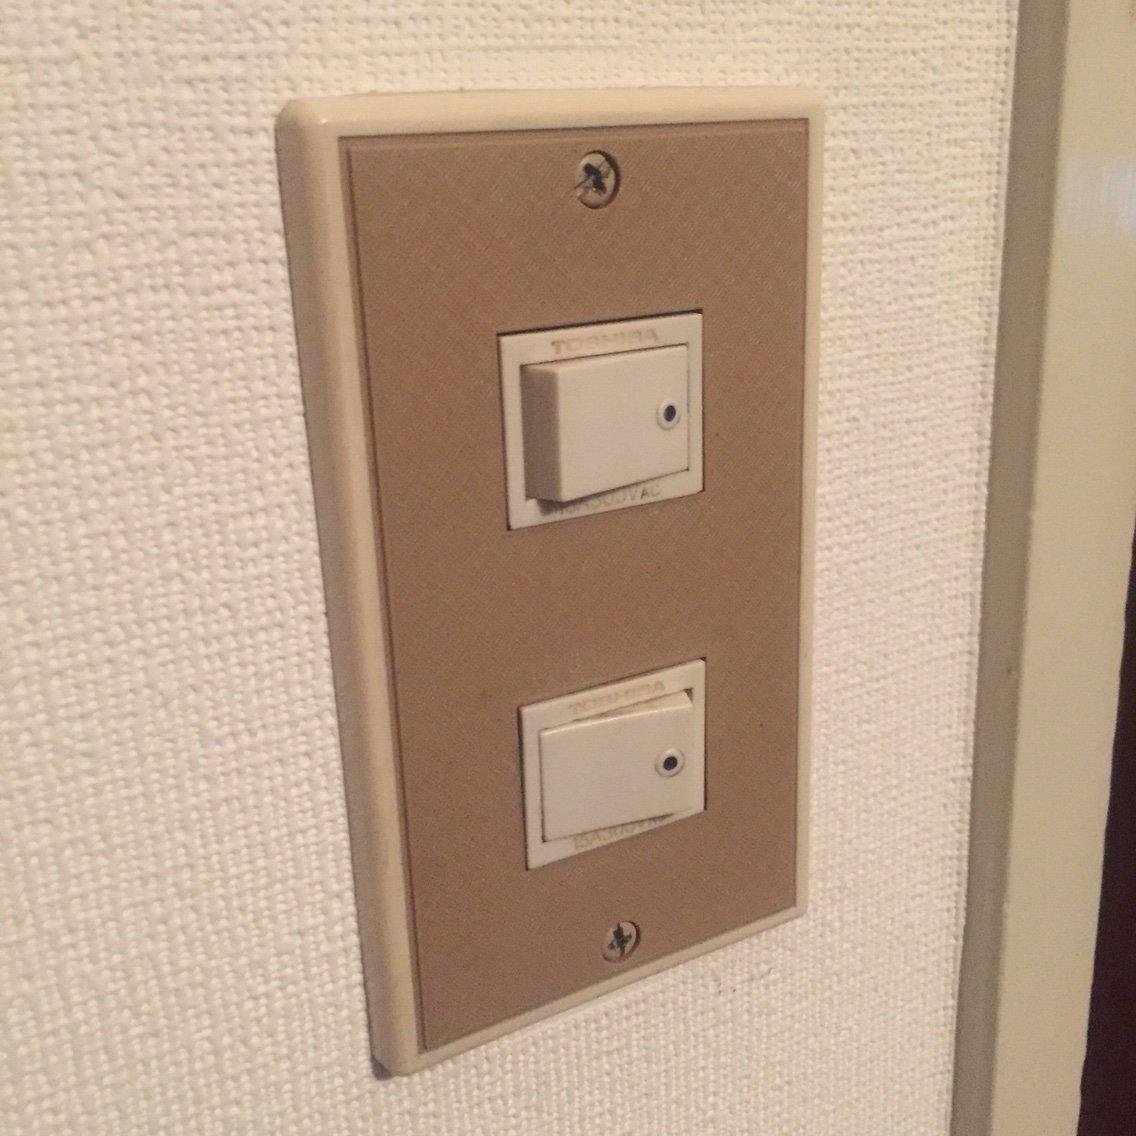 元々の電気のスイッチ